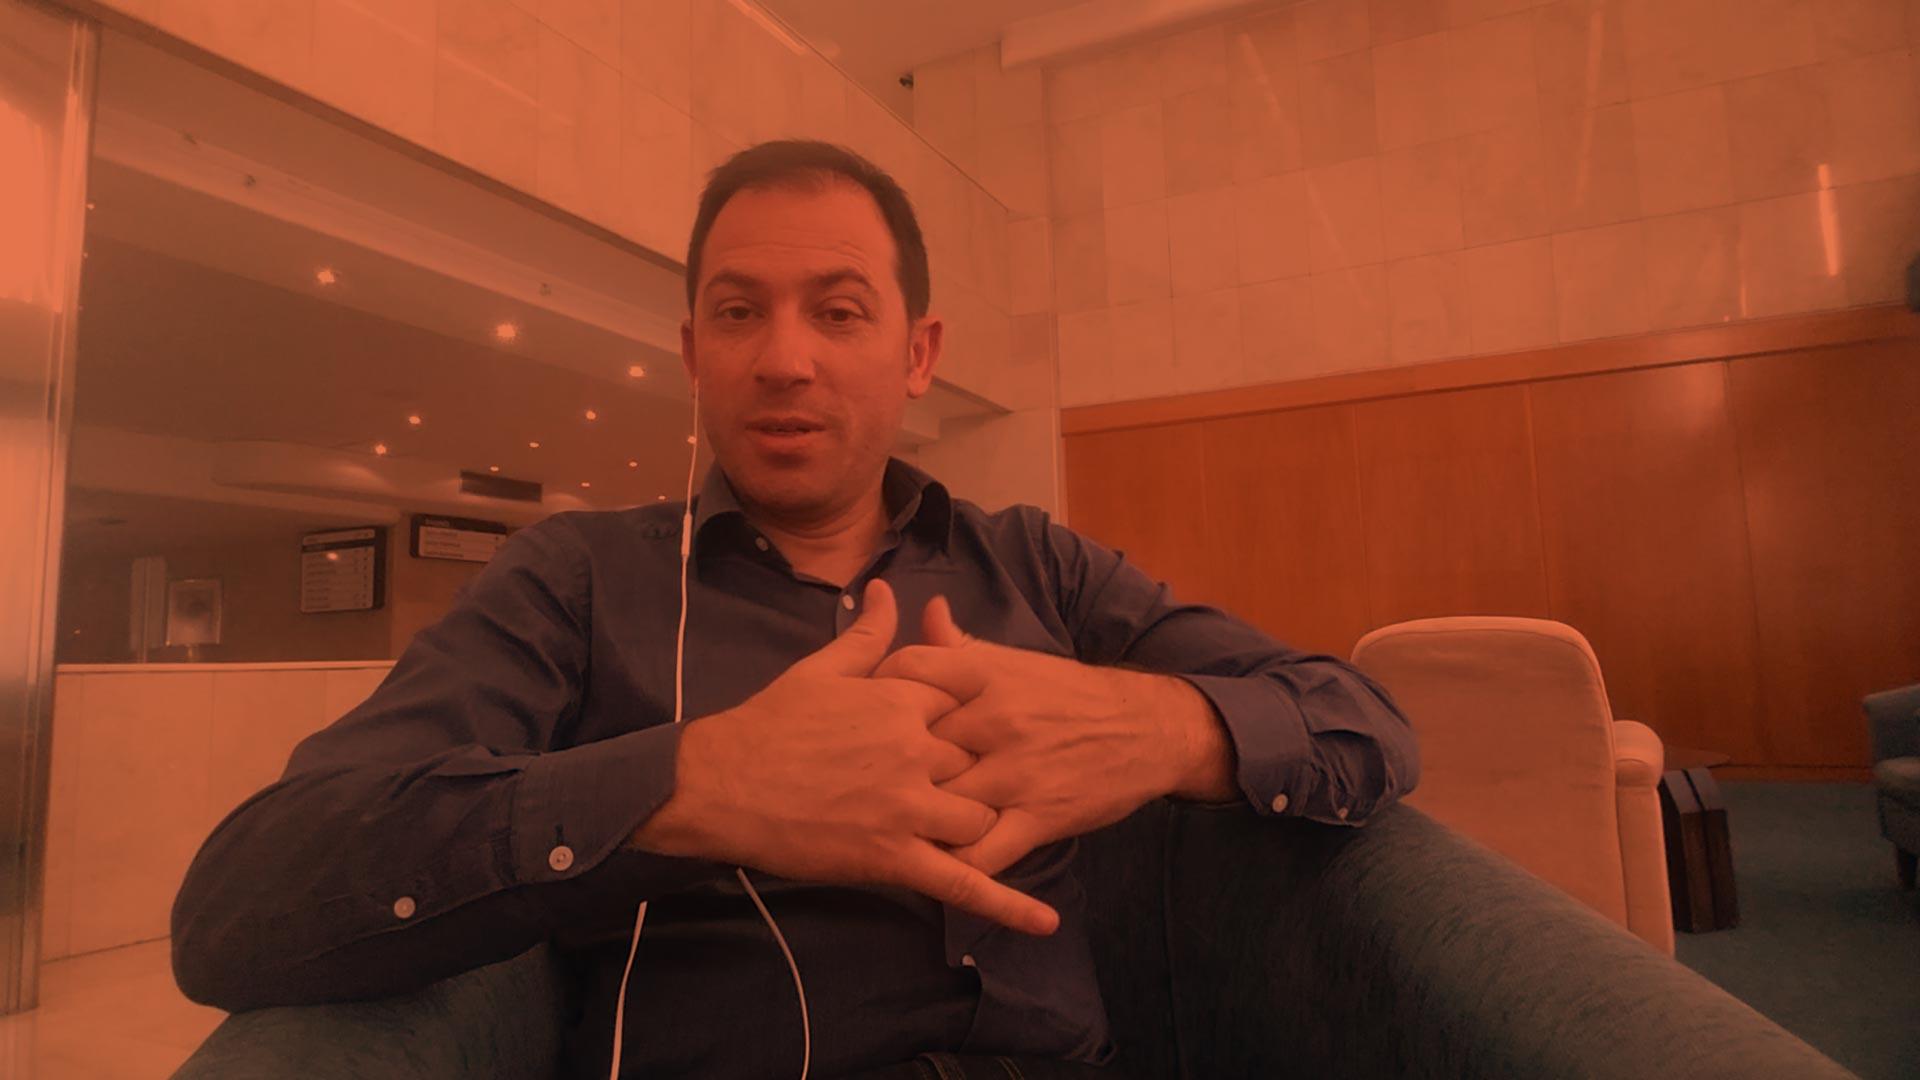 Hector-Robles_Pildoras-Innovacion-Real-232-Cabecera-Blog